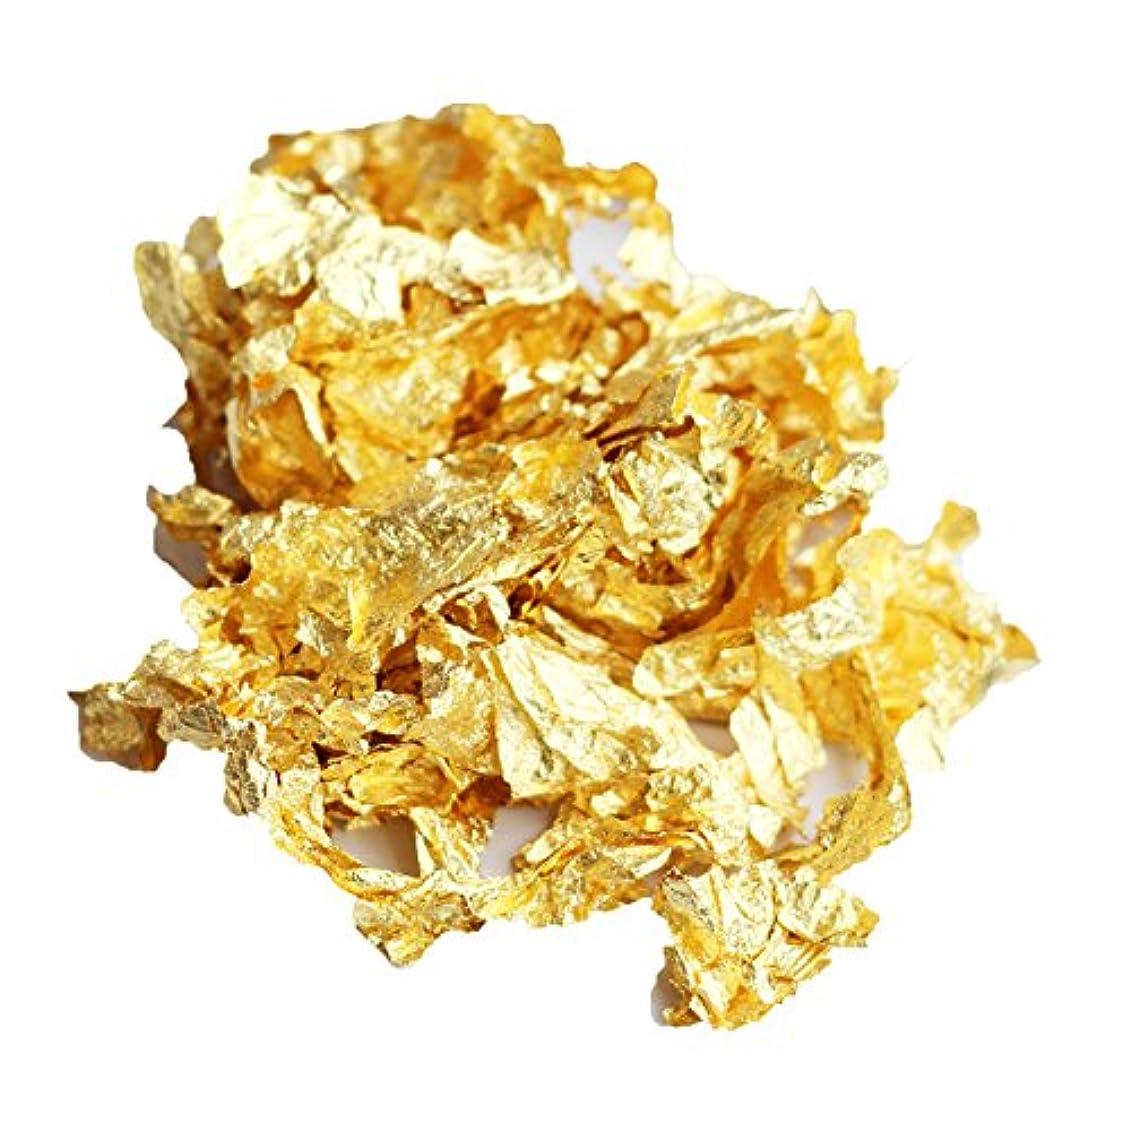 単なるインペリアル給料手作り石けん用純金箔0.1グラム